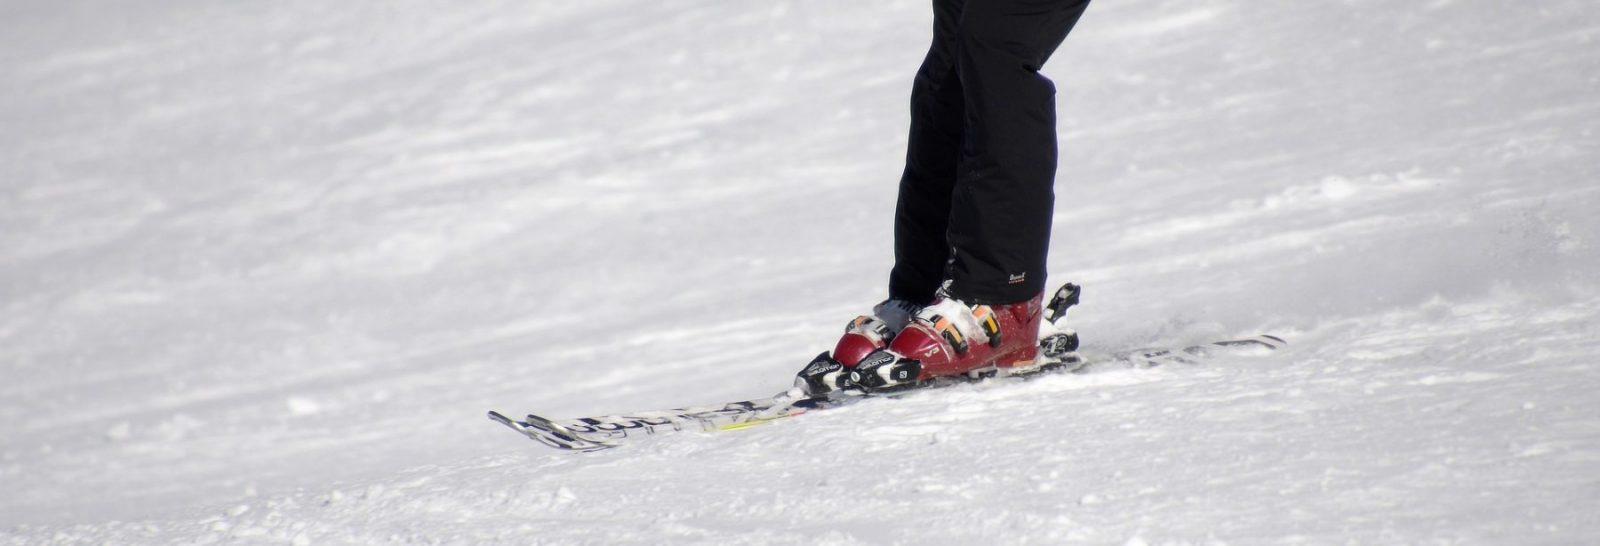 2 september skien